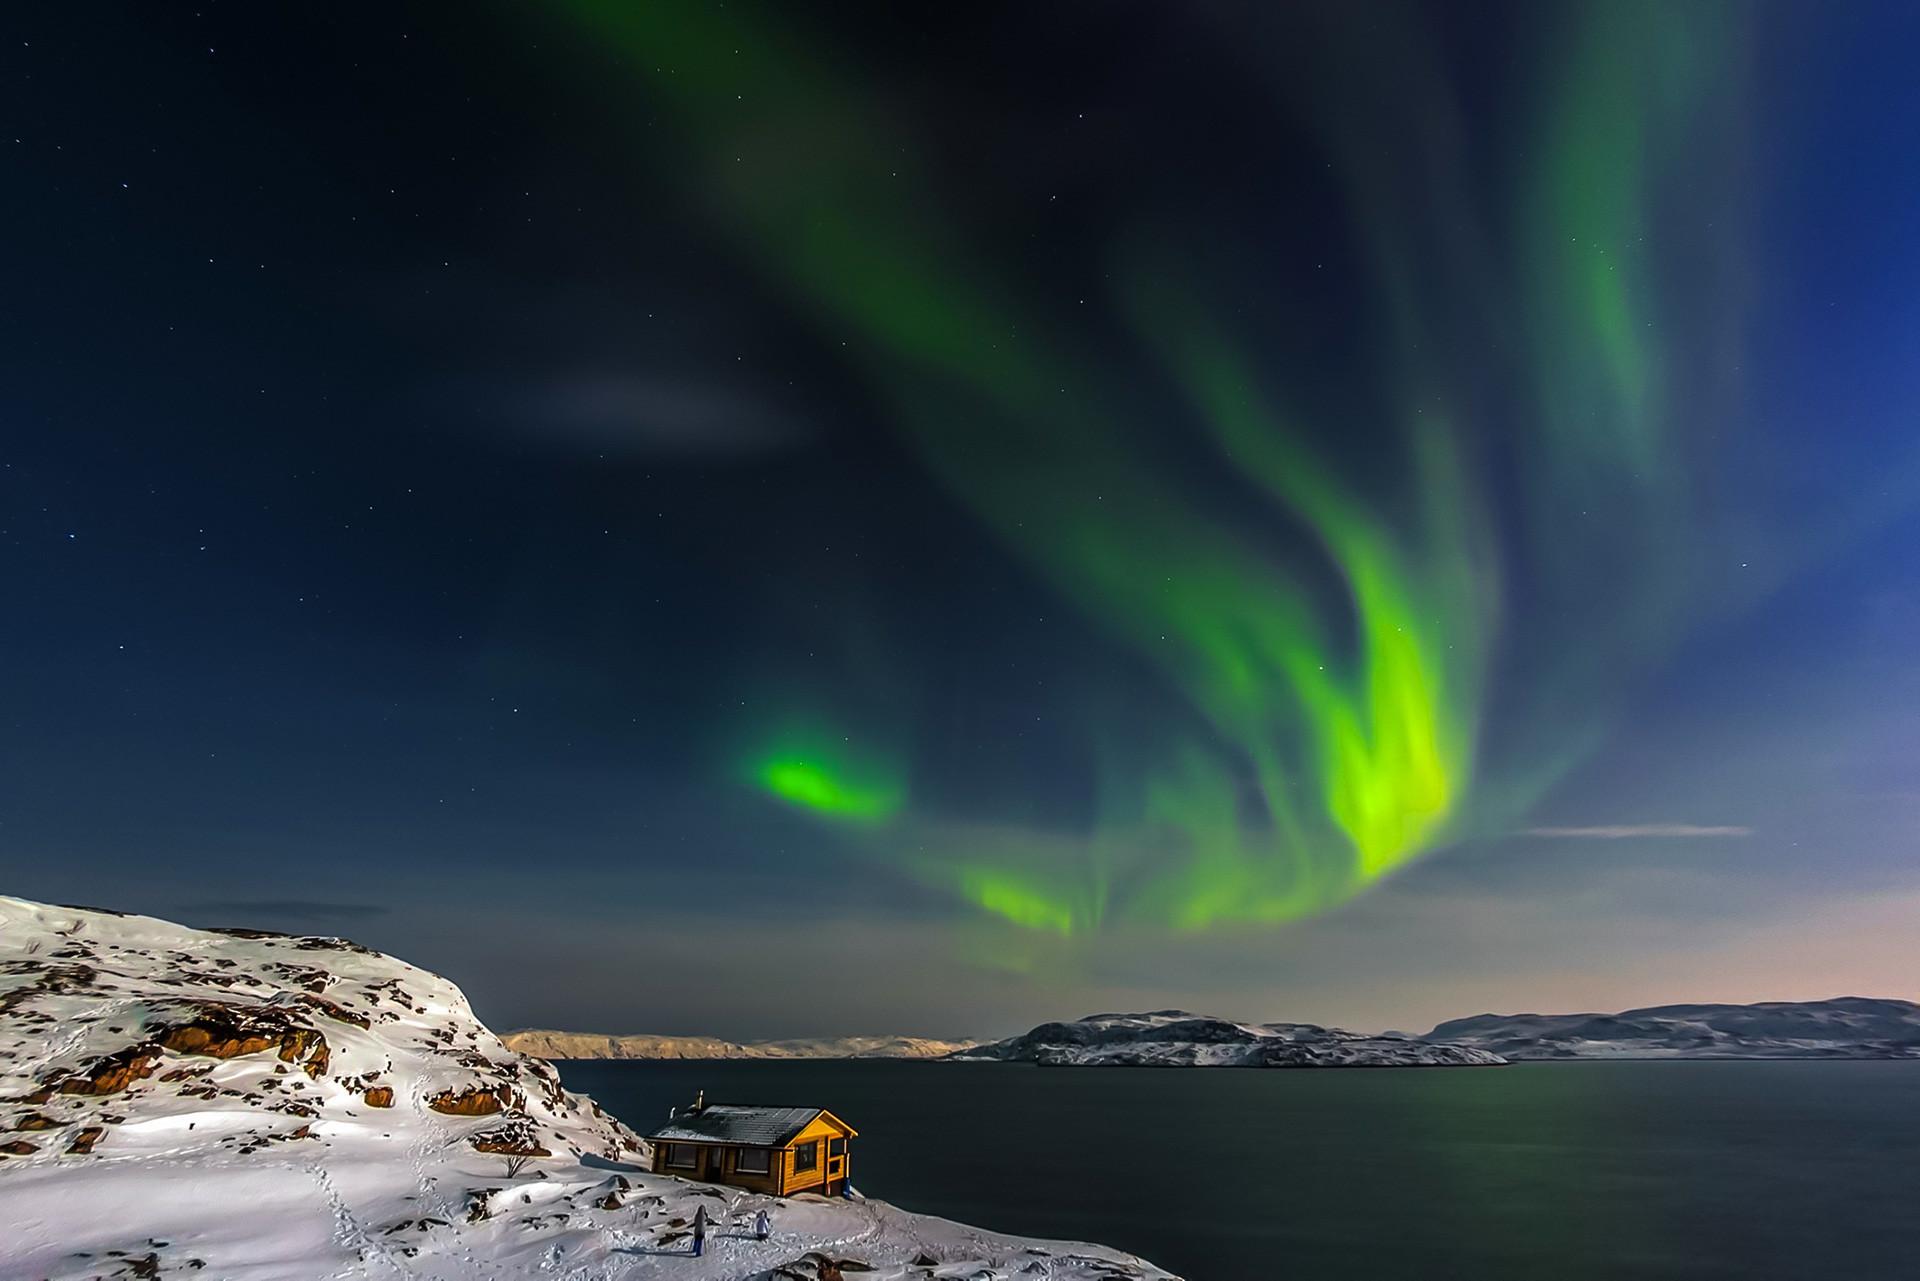 Kuća na obali Barentsovog mora i Aurora. Poluotok Kola, Murmanska oblast.